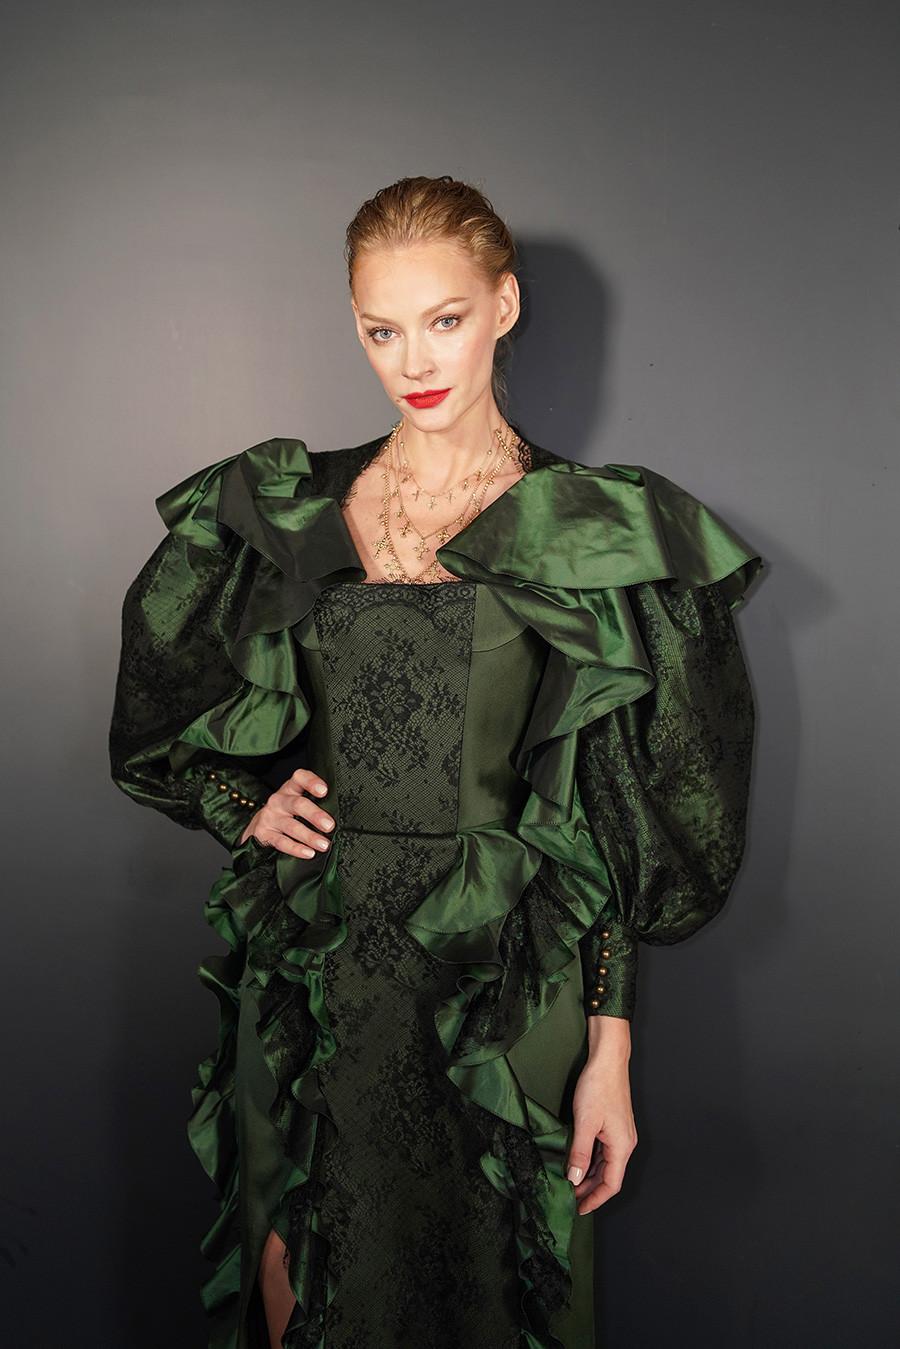 Svetlana Khodtchenkova à la Fashion Week de Paris en 2019